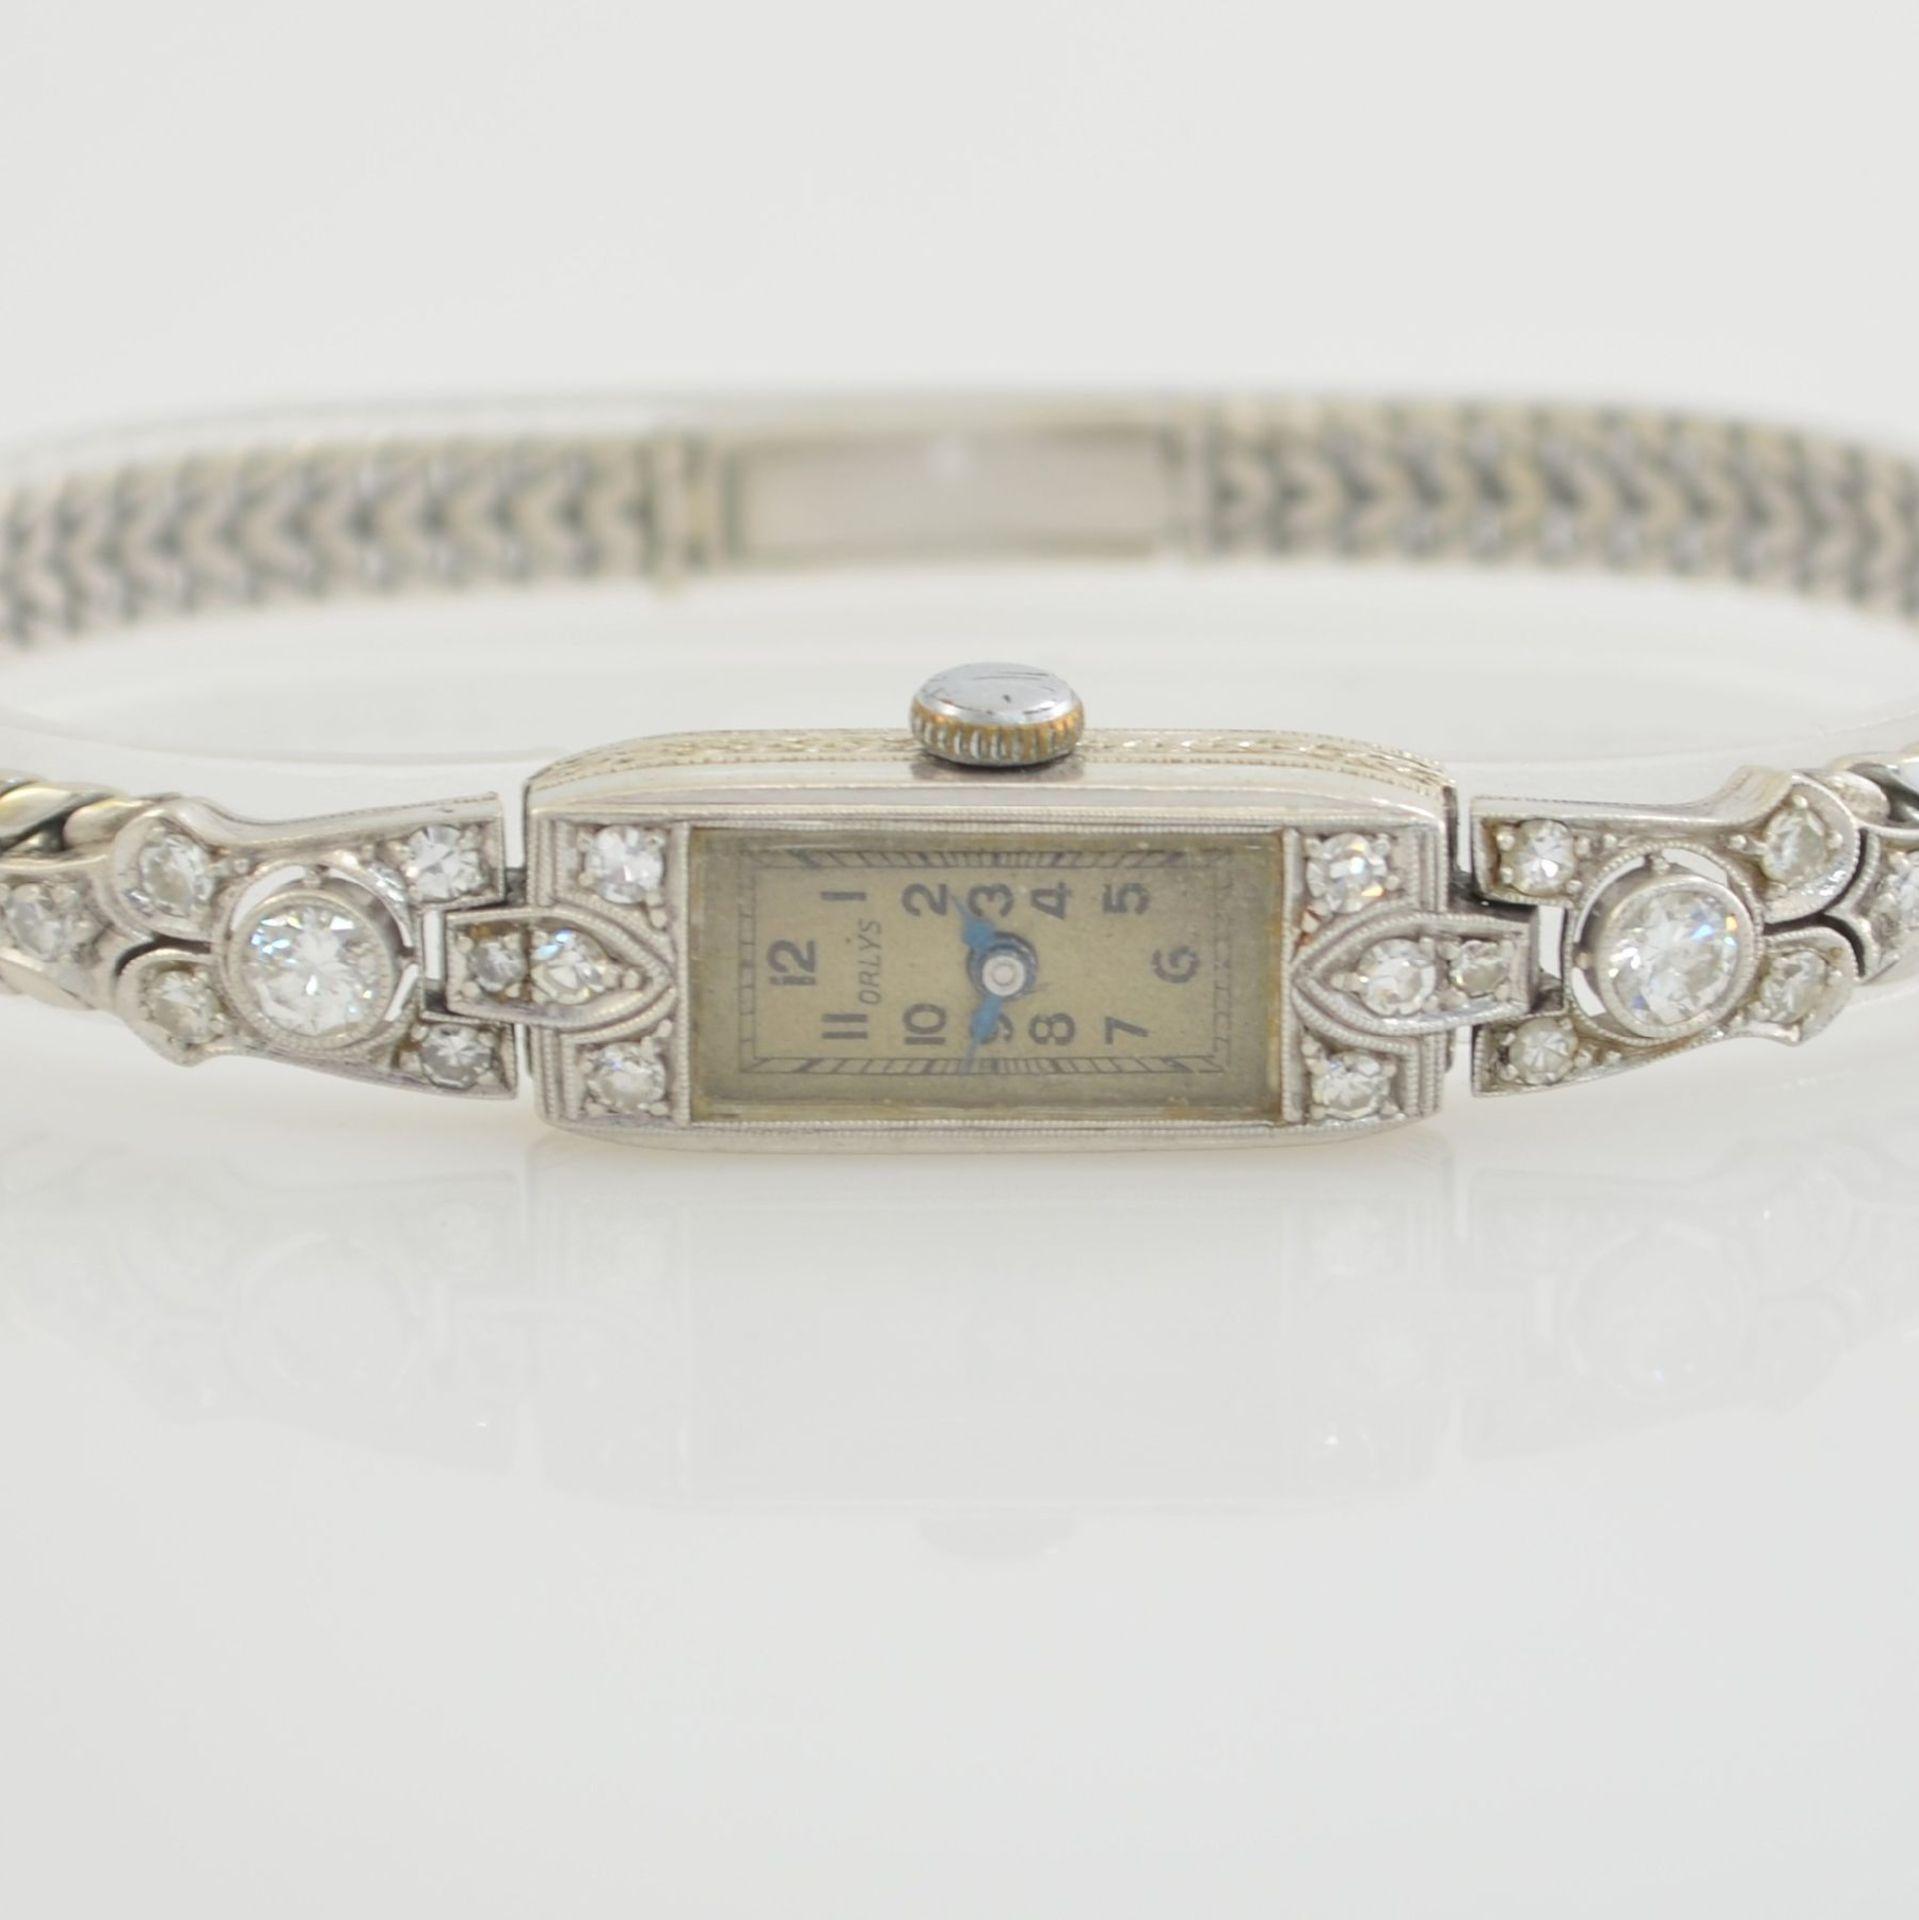 ORLYS Art Deco Damenarmbanduhr in WG 750/000 & 585/000, Schweiz um 1925, Handaufzug, Geh. in WG - Bild 2 aus 5